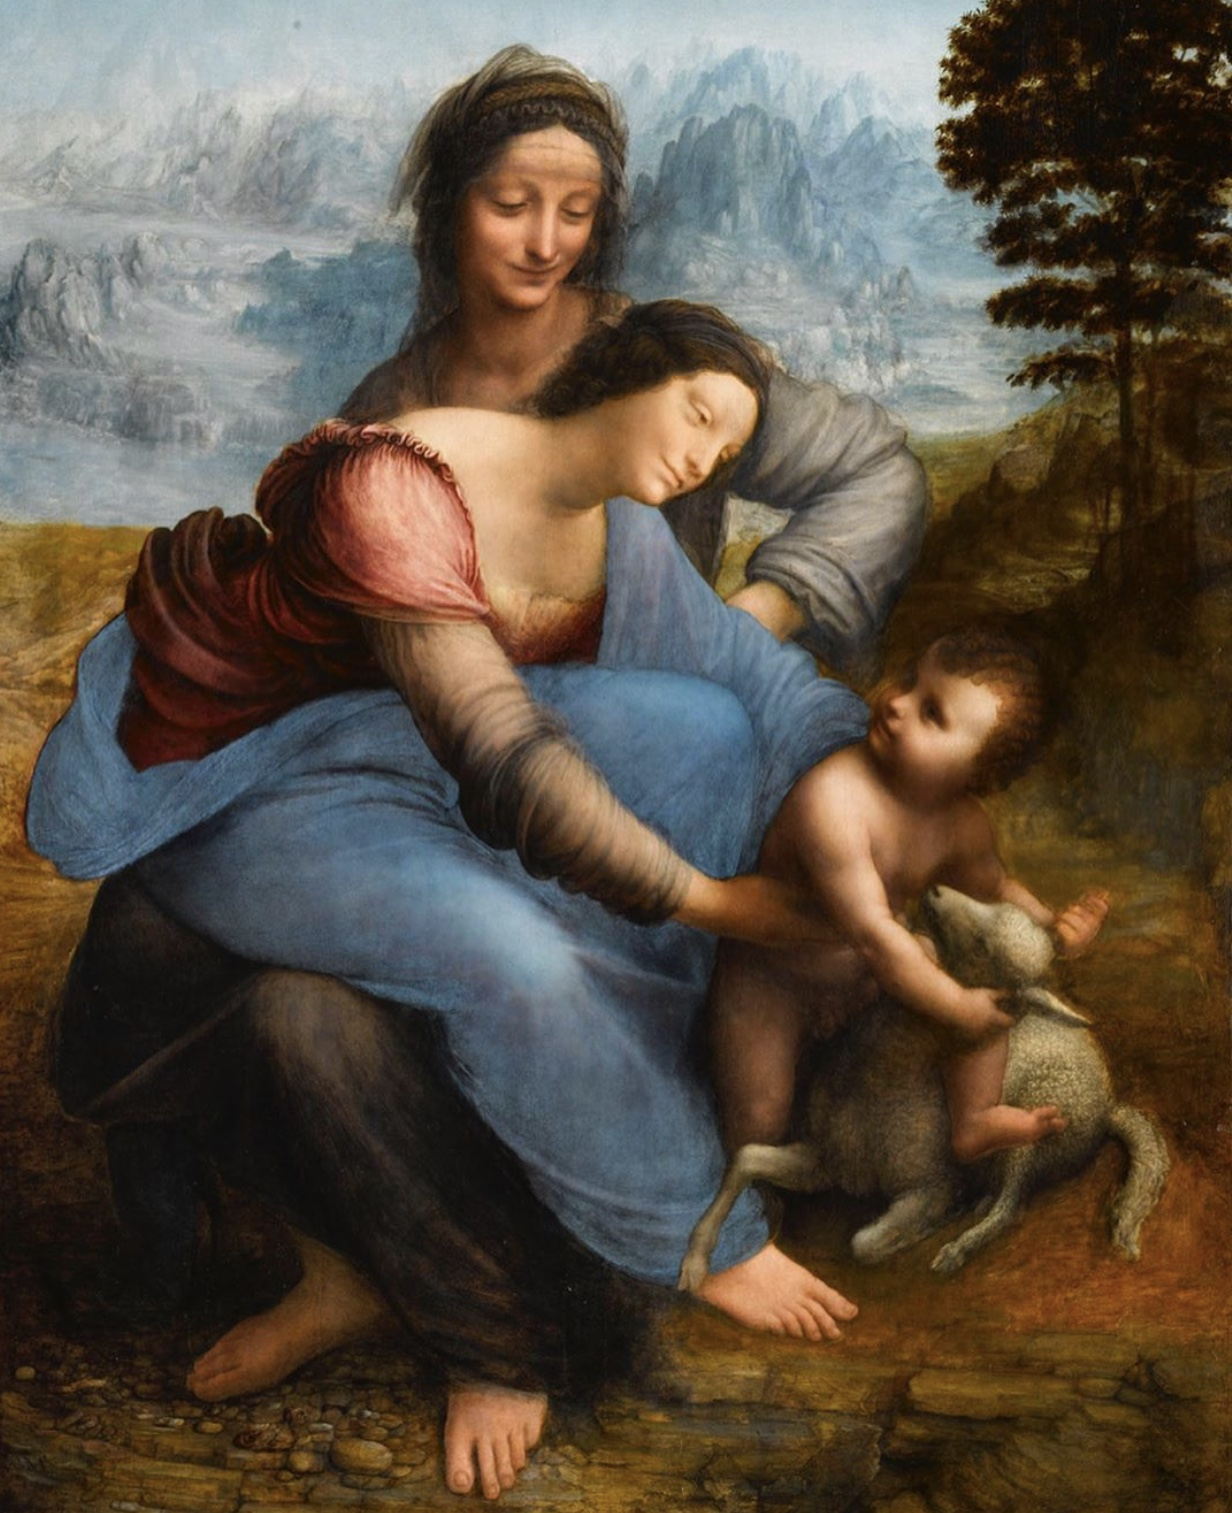 图/Musée du Louvre官网截图